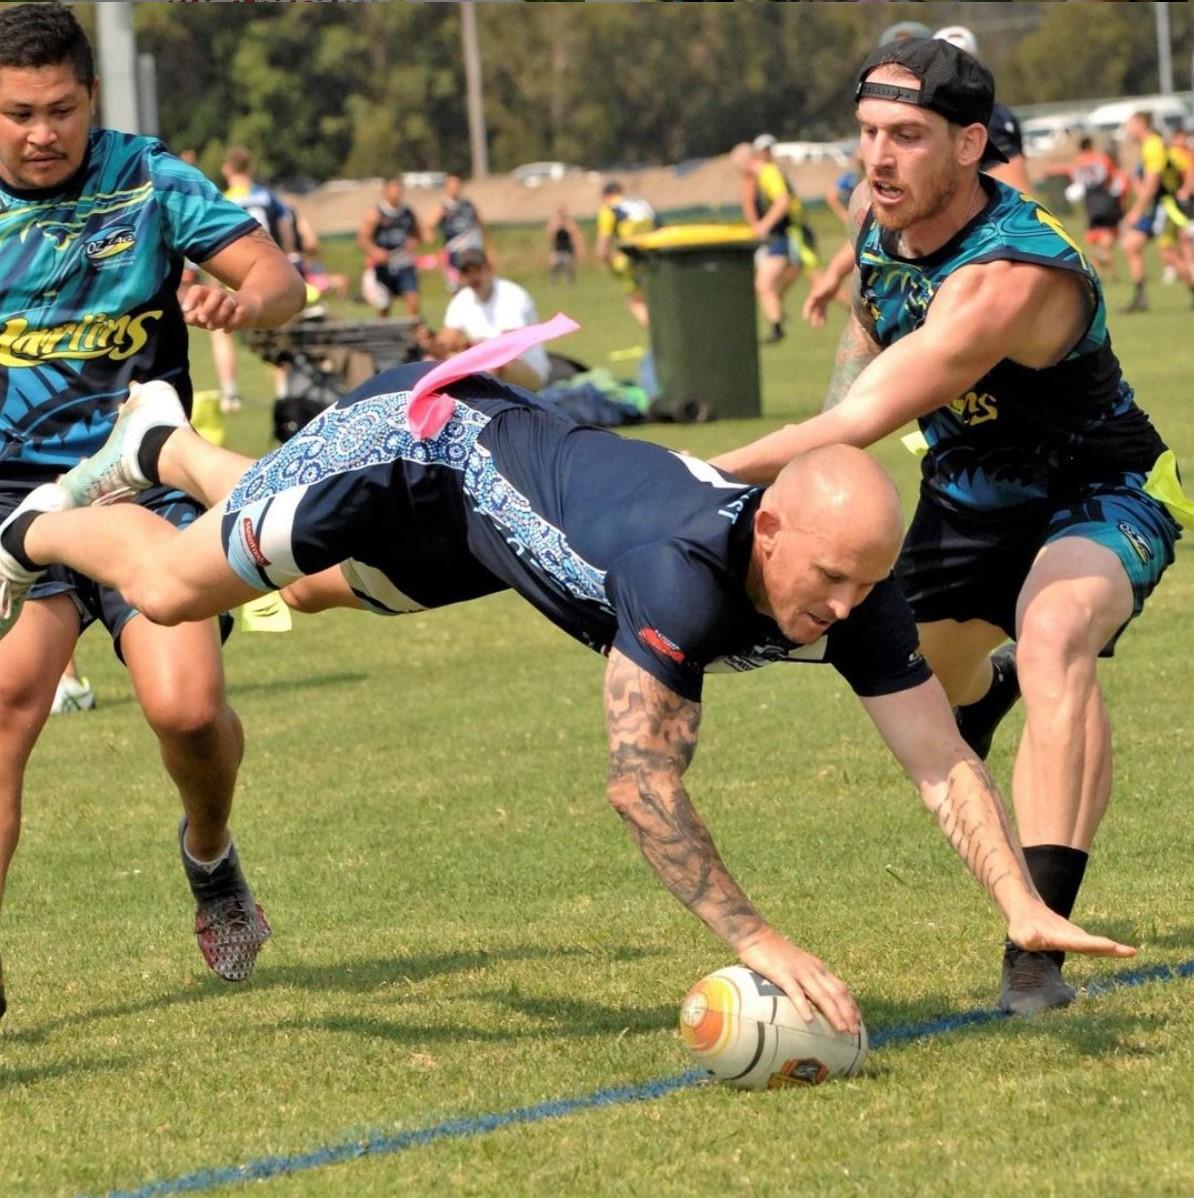 3 men playing football